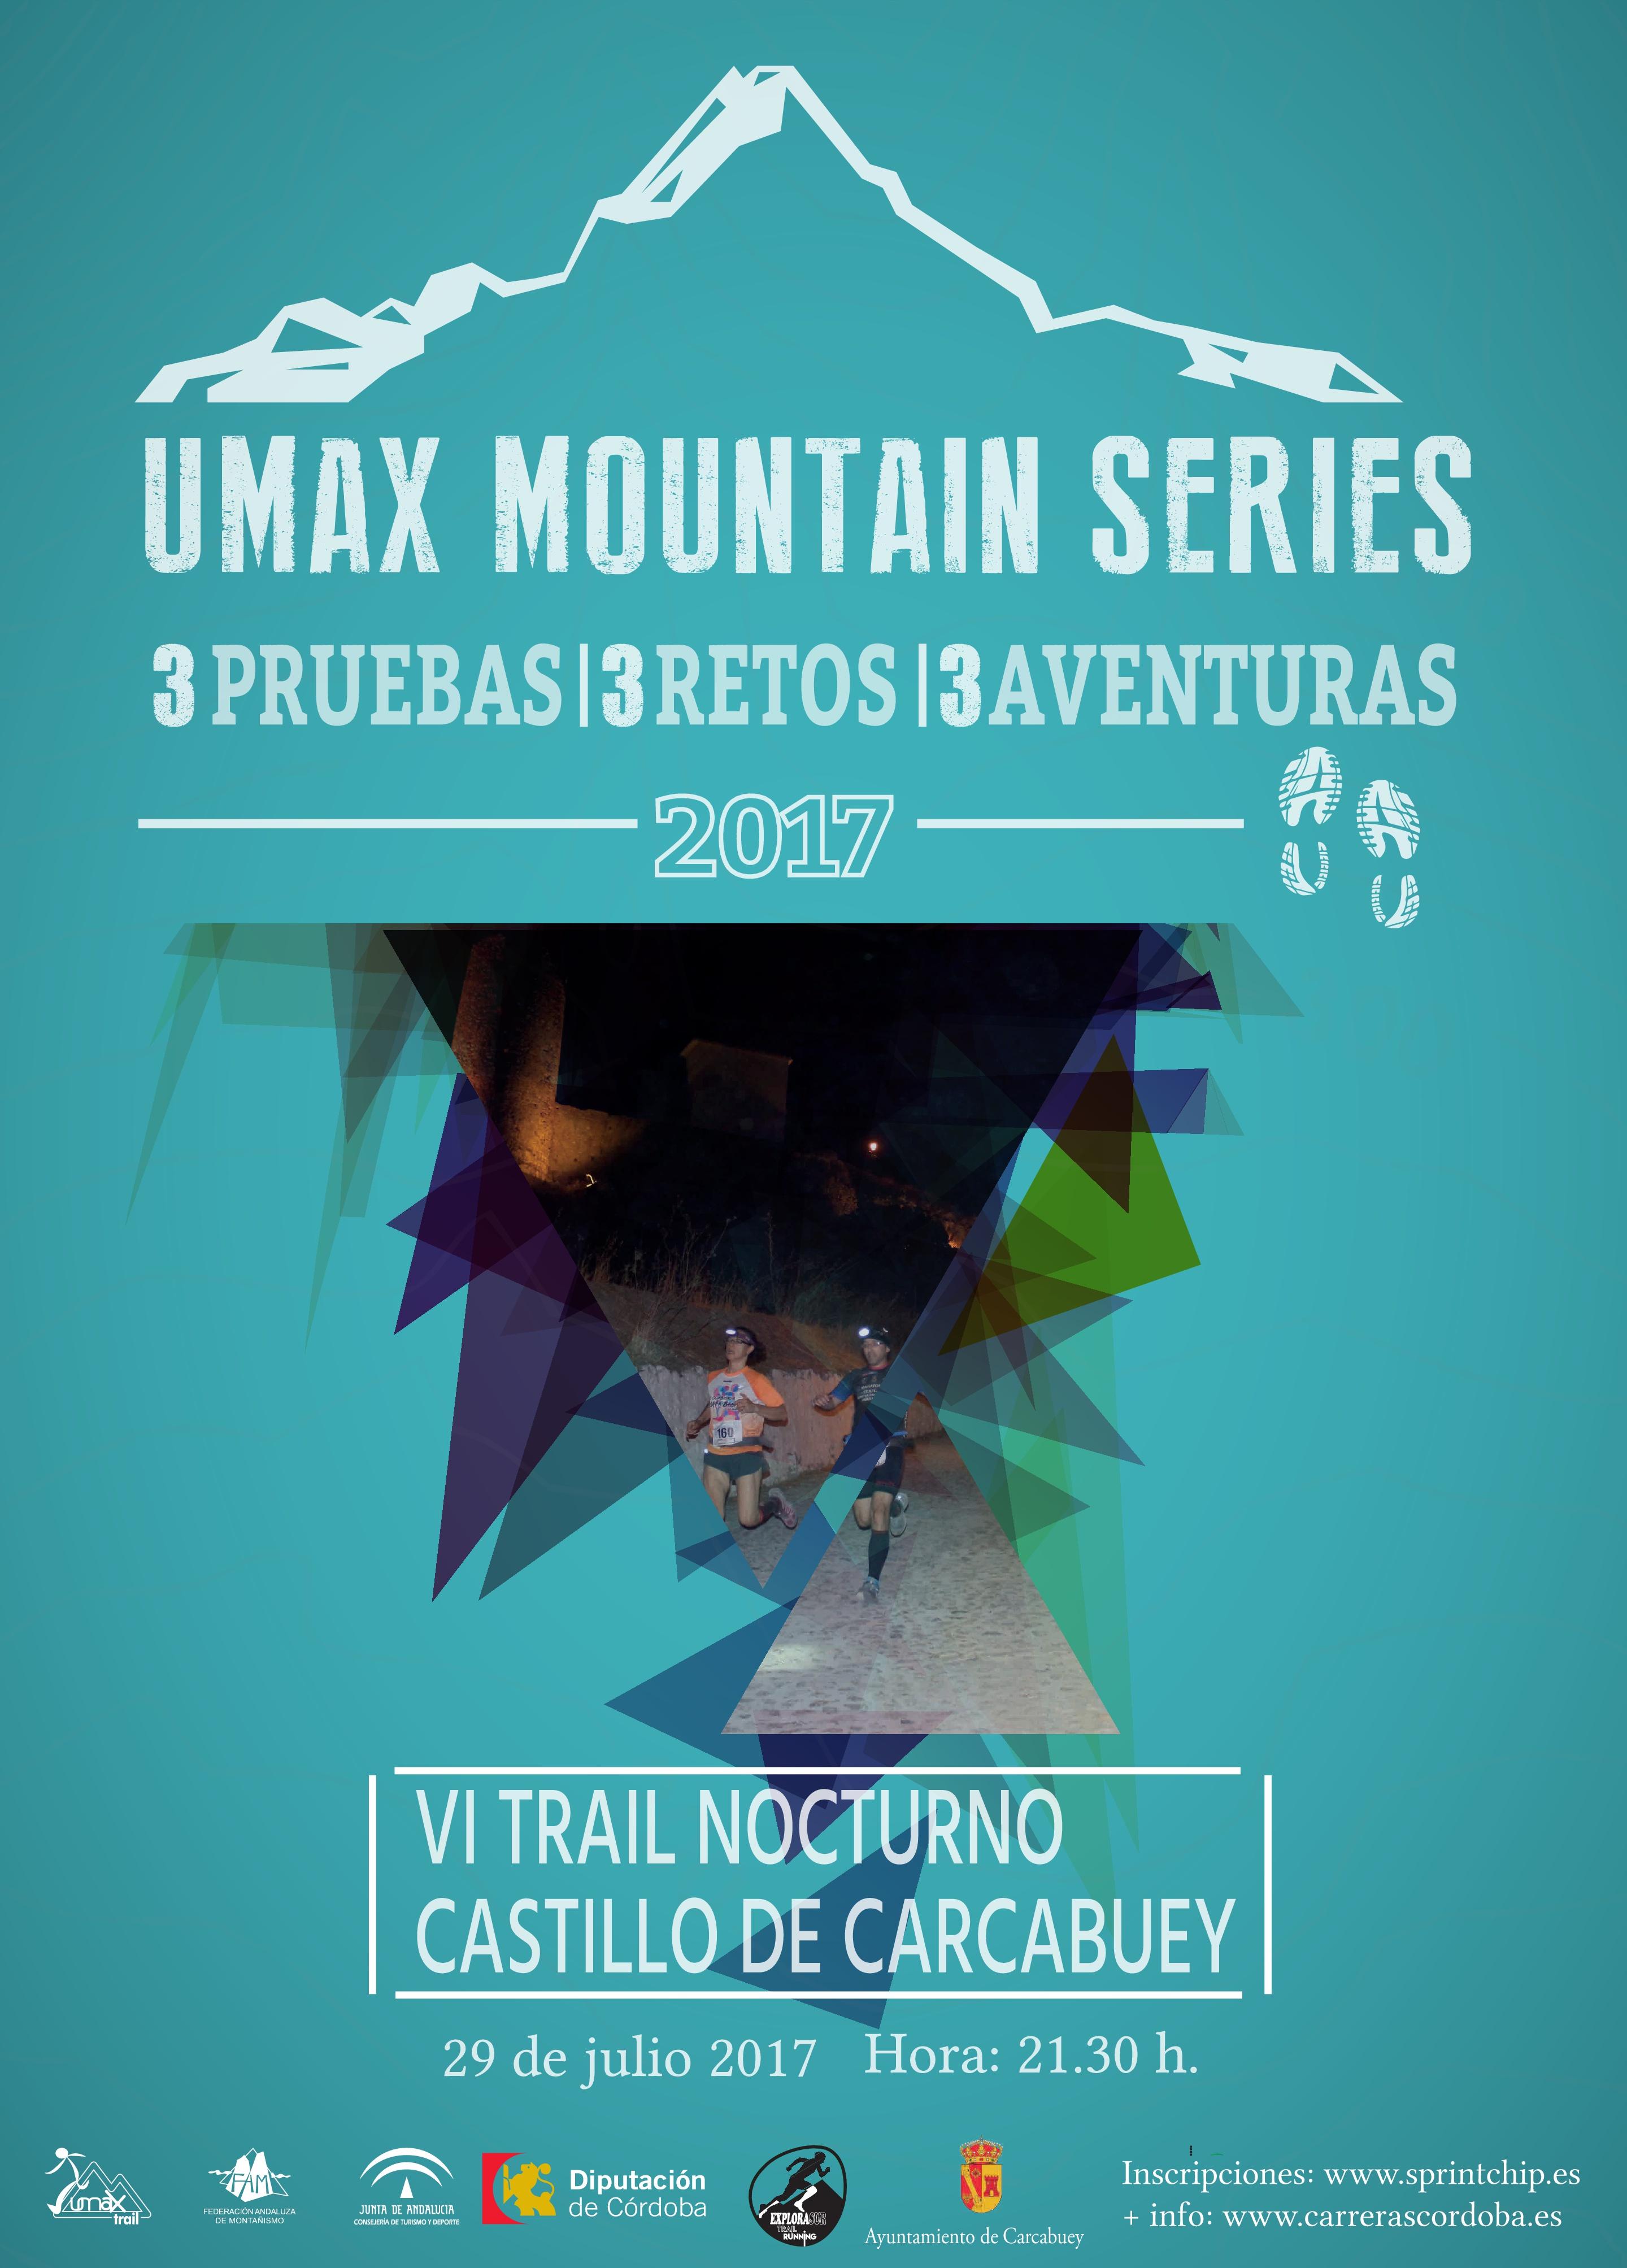 Pareja Mixta 14Km - VI Trail Nocturno Castillo de Carcabuey  - Sprint Chip